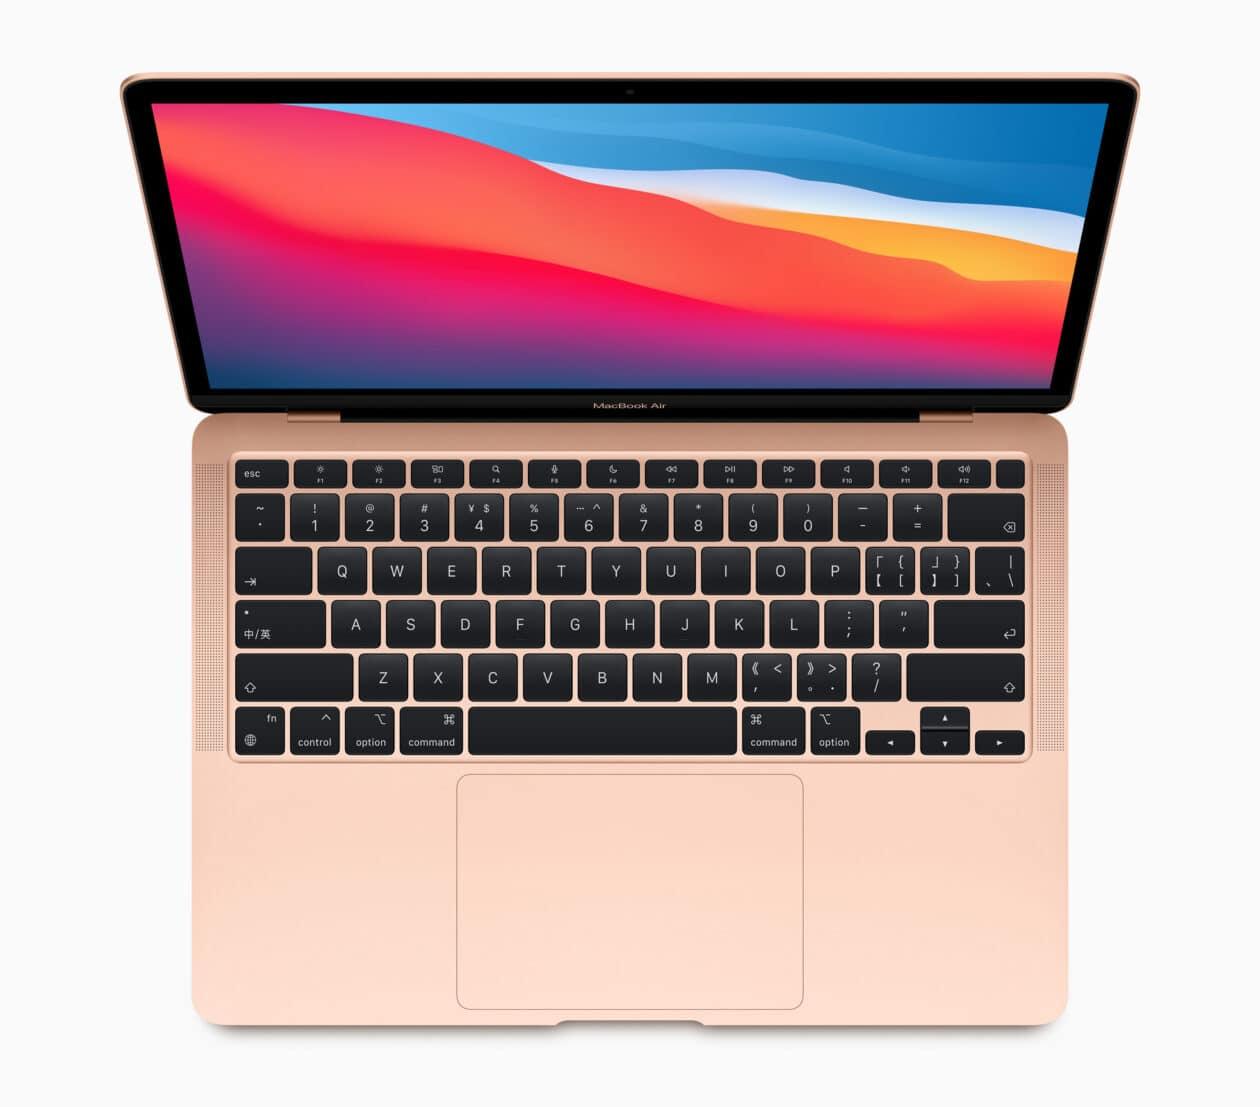 Novo MacBook Air com chip Apple M1 na cor dourada visto de cima